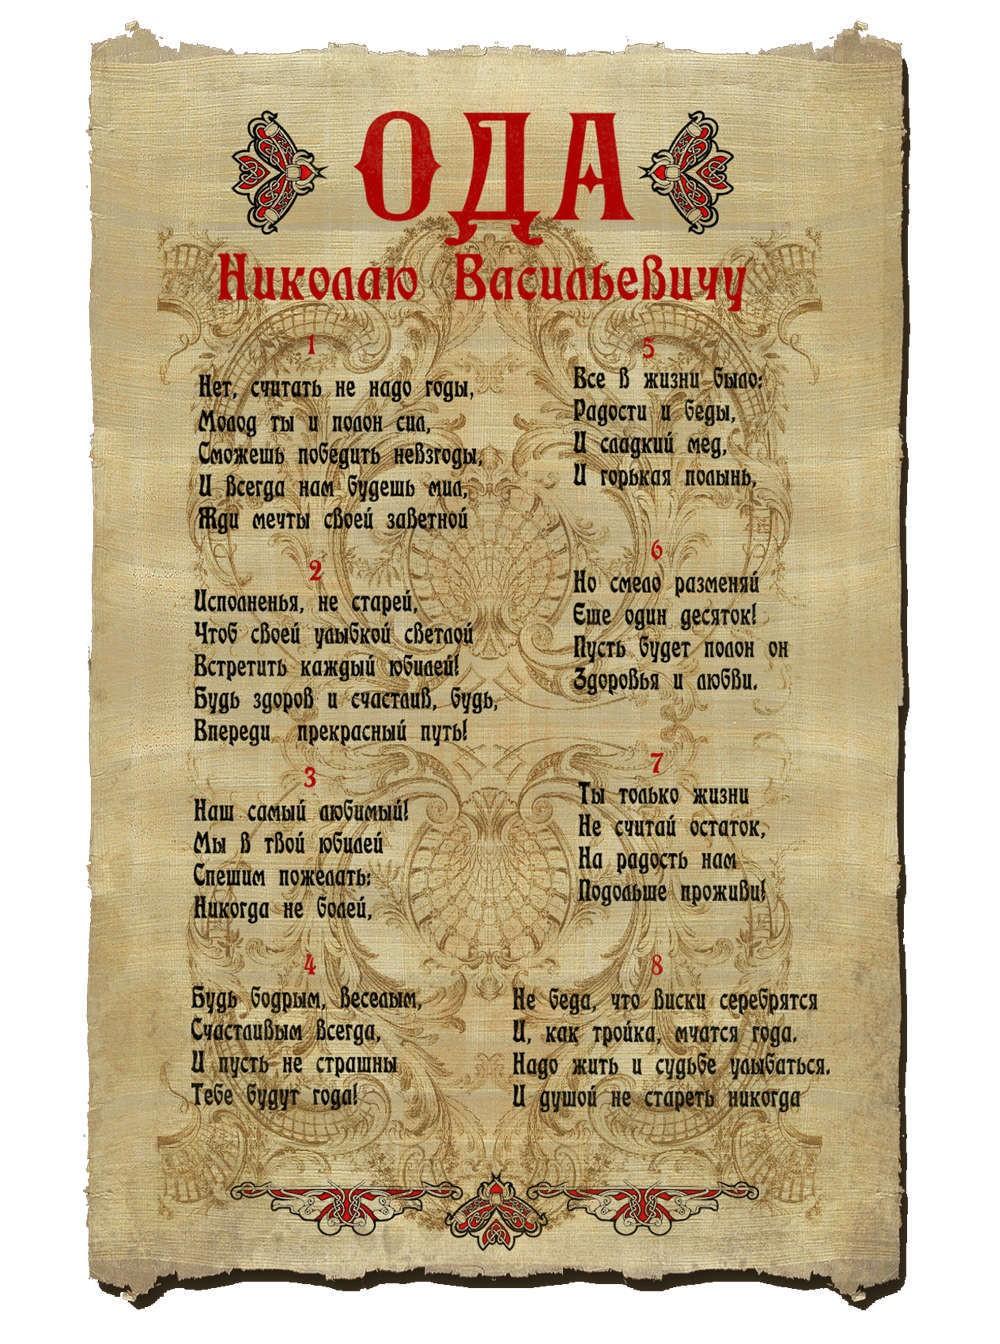 Поздравление на старорусский лад 37